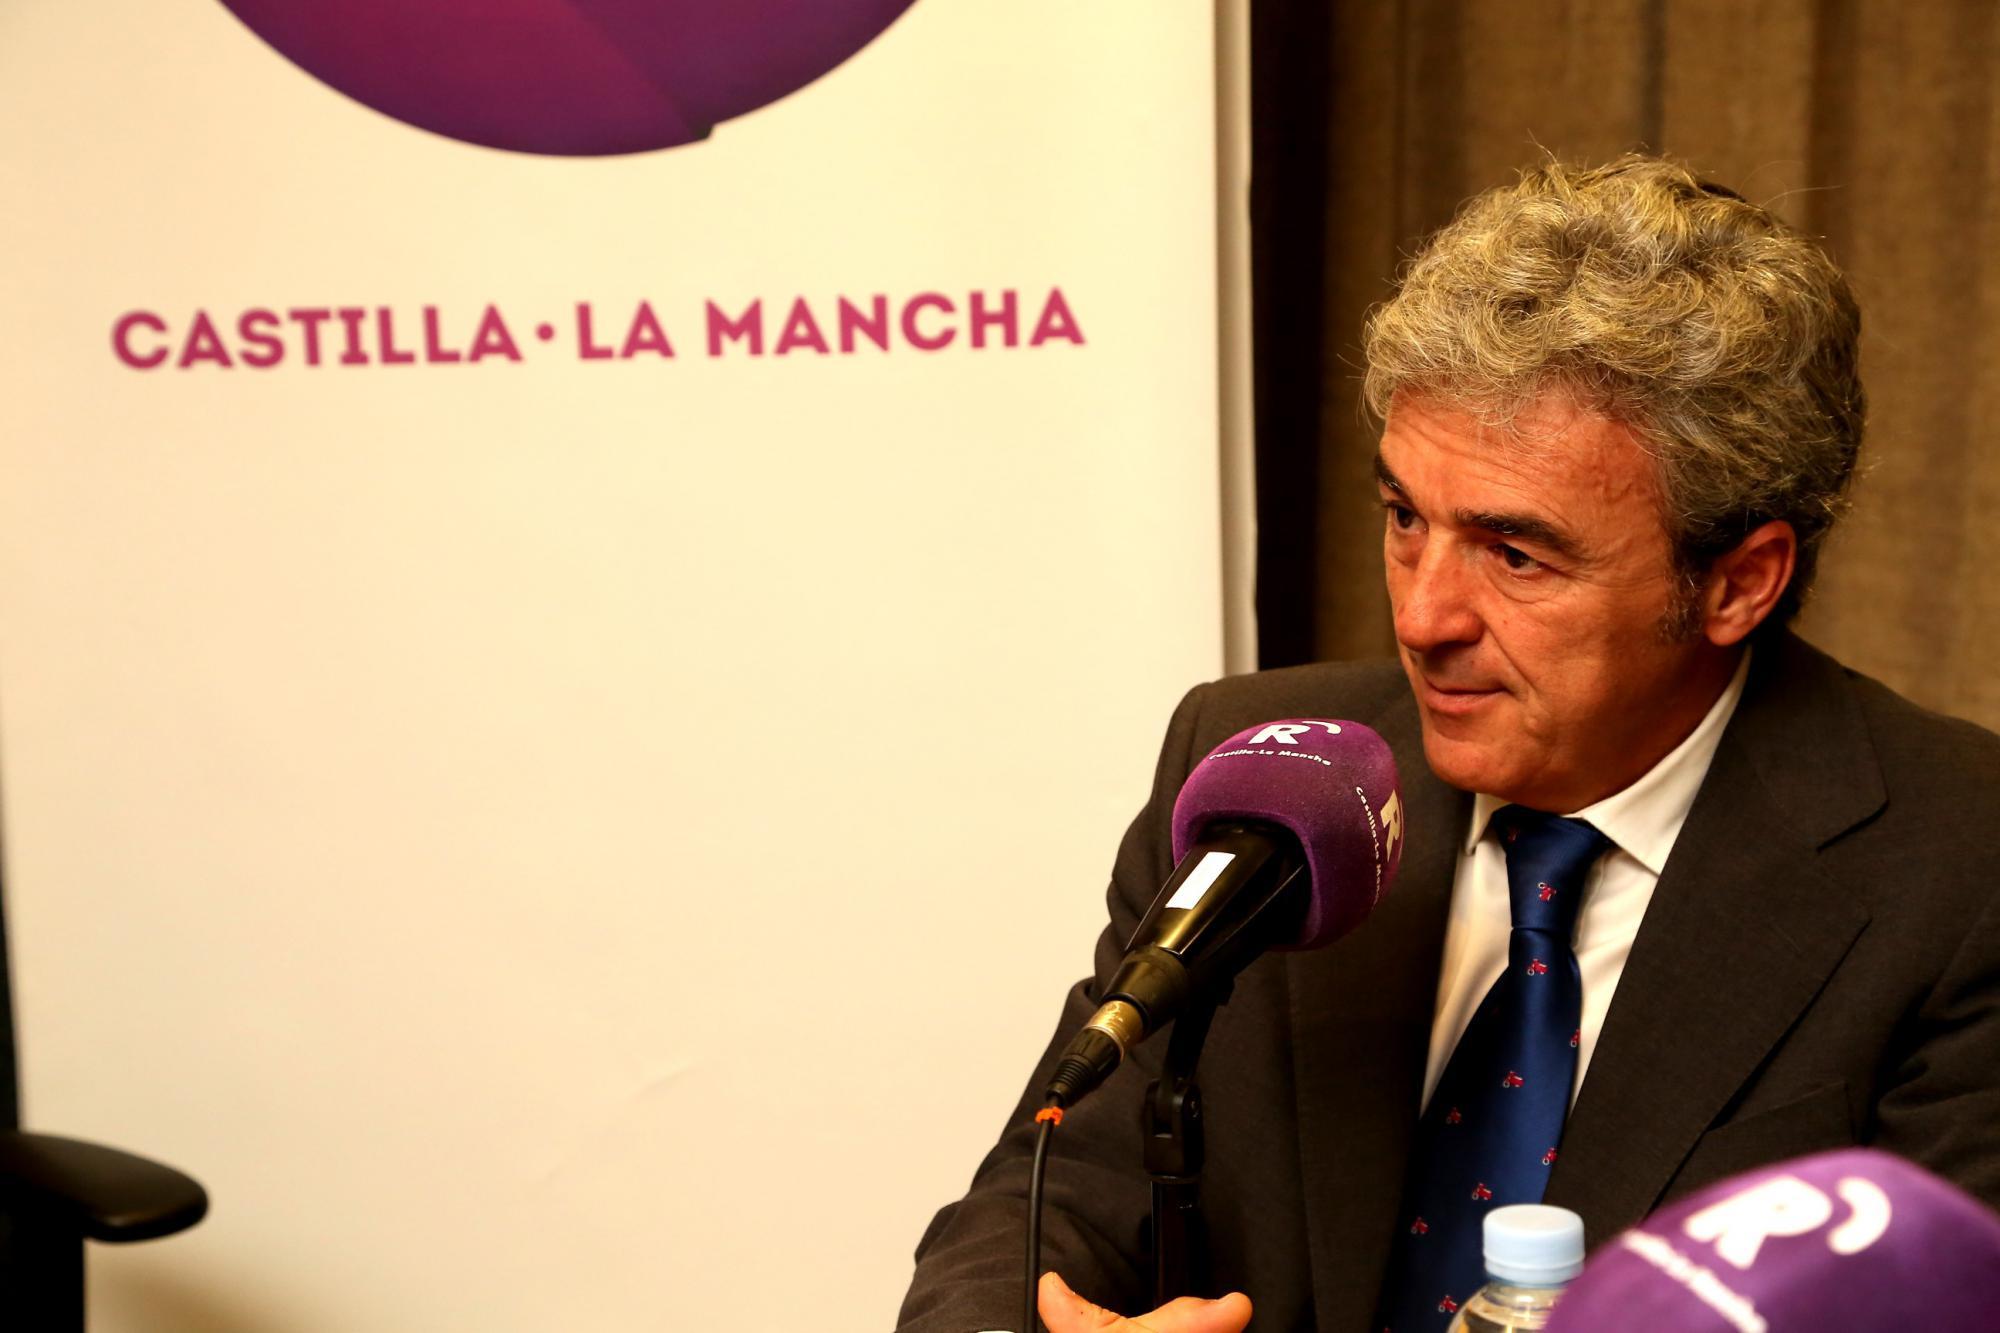 """Leandro Esteban afirma que con la gestión de Cospedal """"hemos pasado de la quiebra a la garantía del Estado del Bienestar"""""""